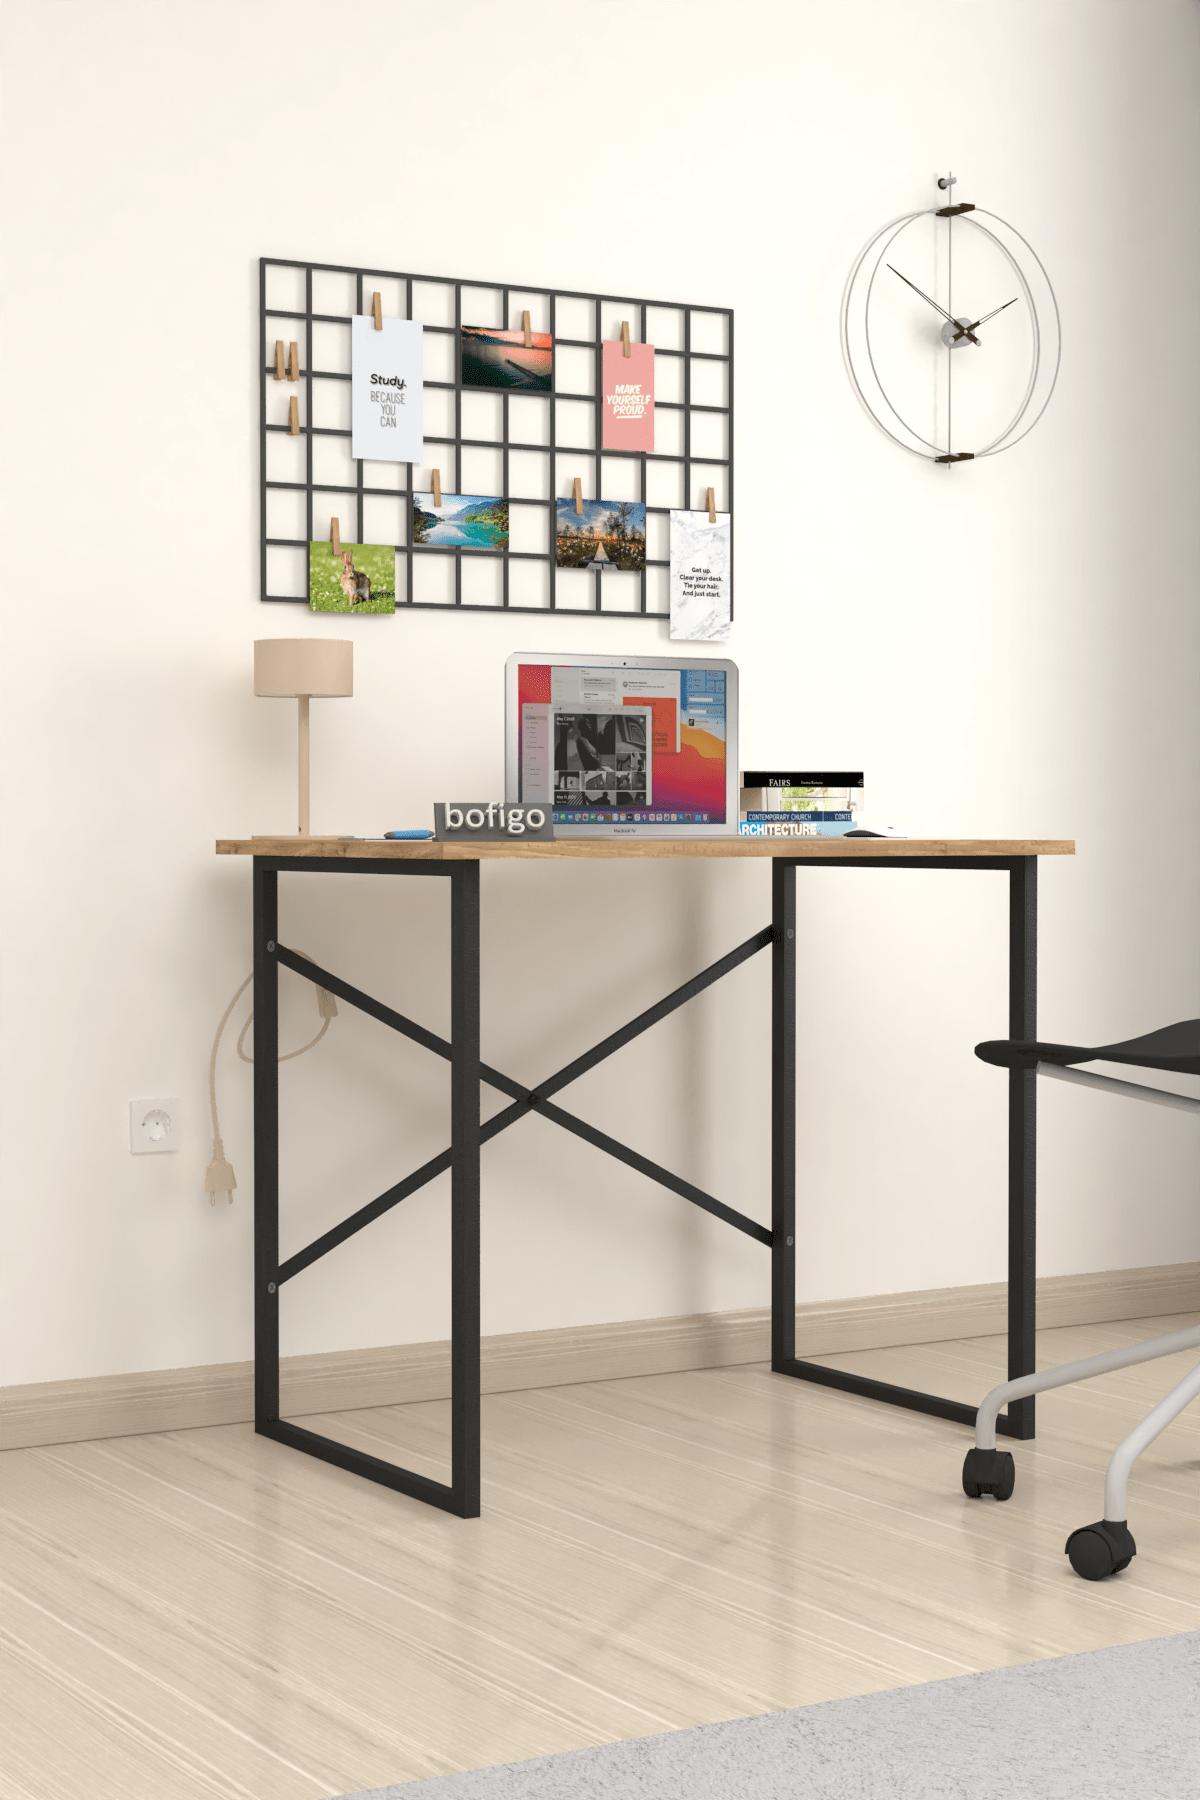 Bofigo Çam Çalışma Masası Laptop Bilgisayar Masası Ofis Ders Yemek Cocuk Masası 60x90 cm 1